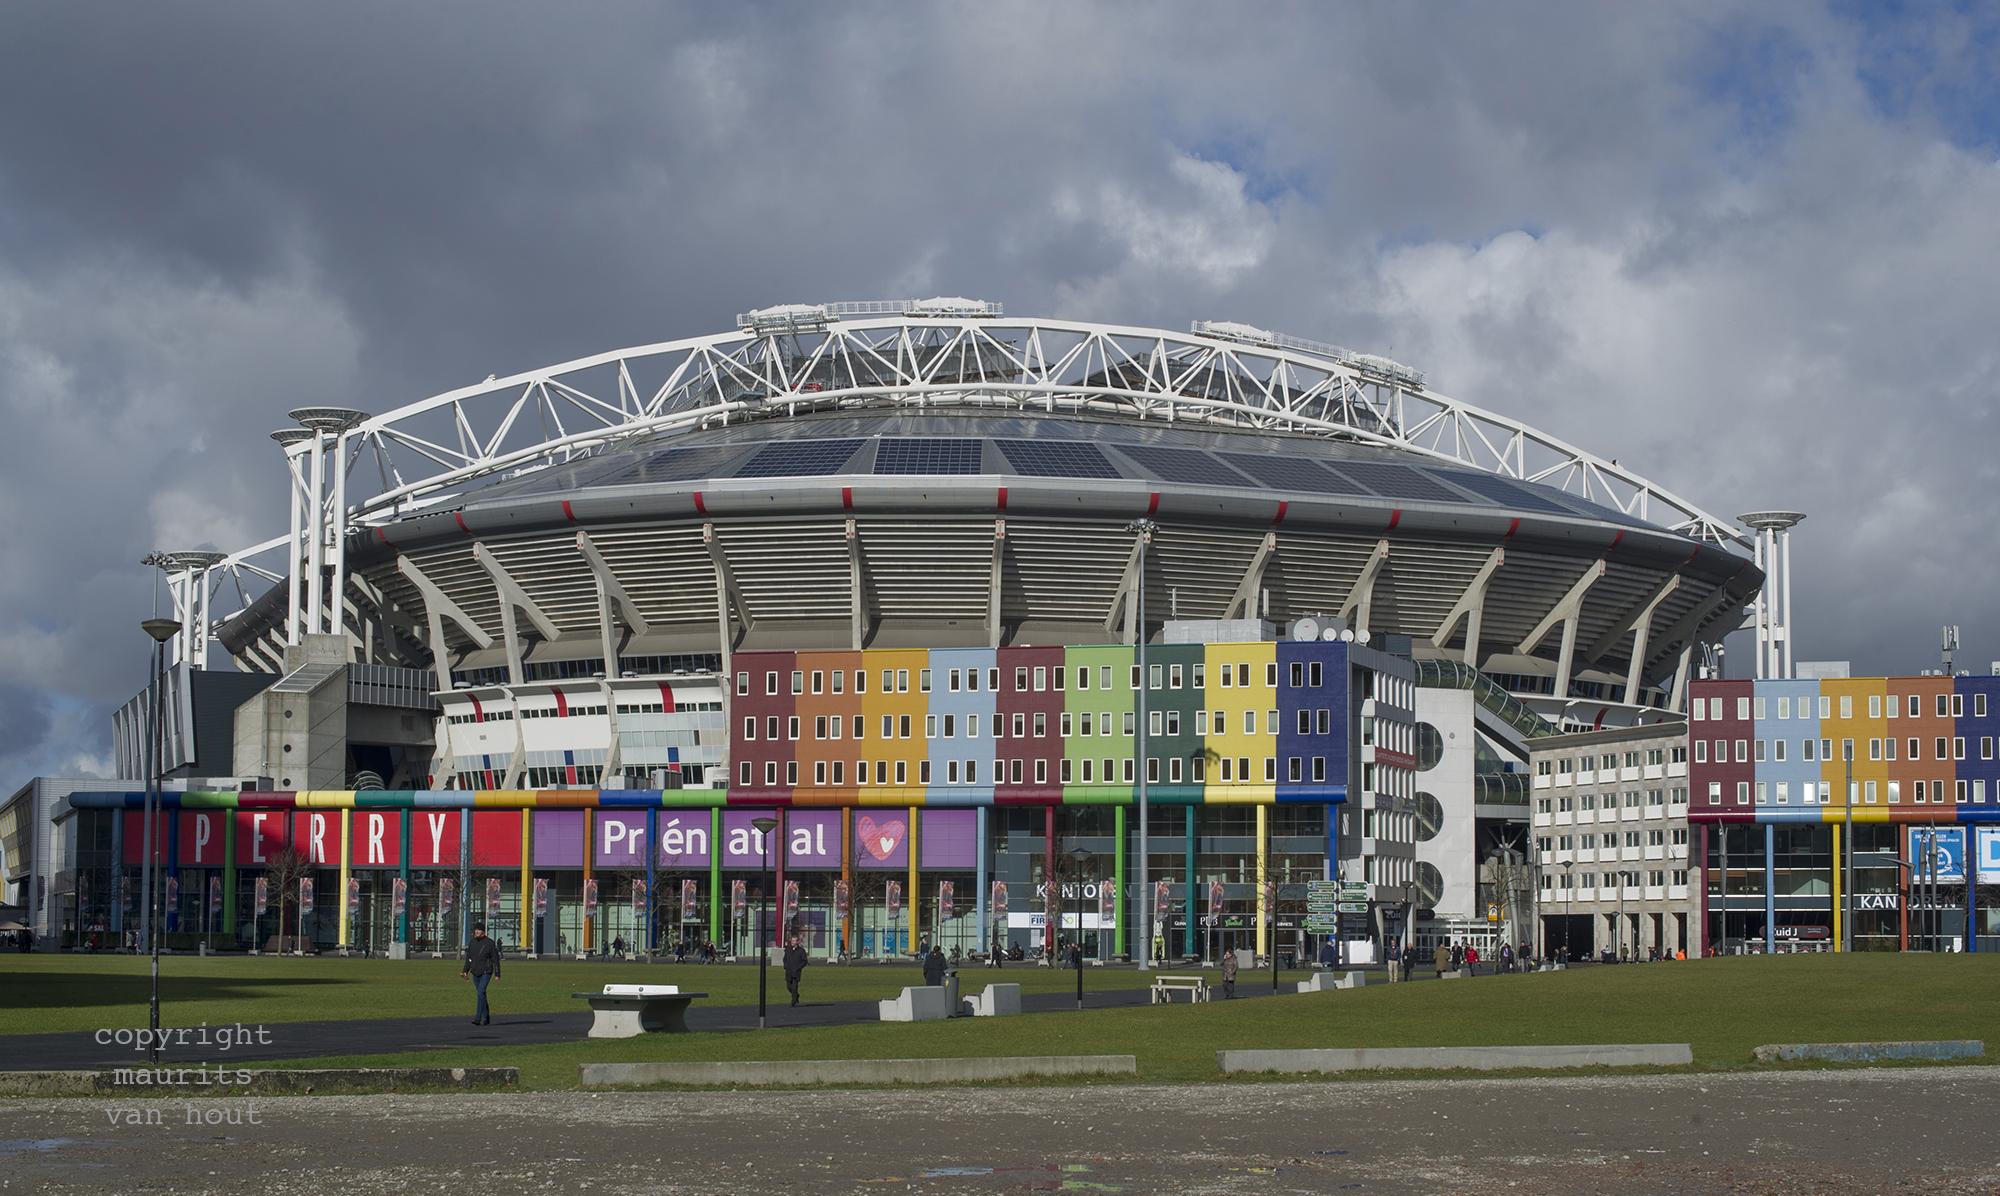 Amsterdam Arena gefotografeerd door architectuurfotograaf Maurits van Hout